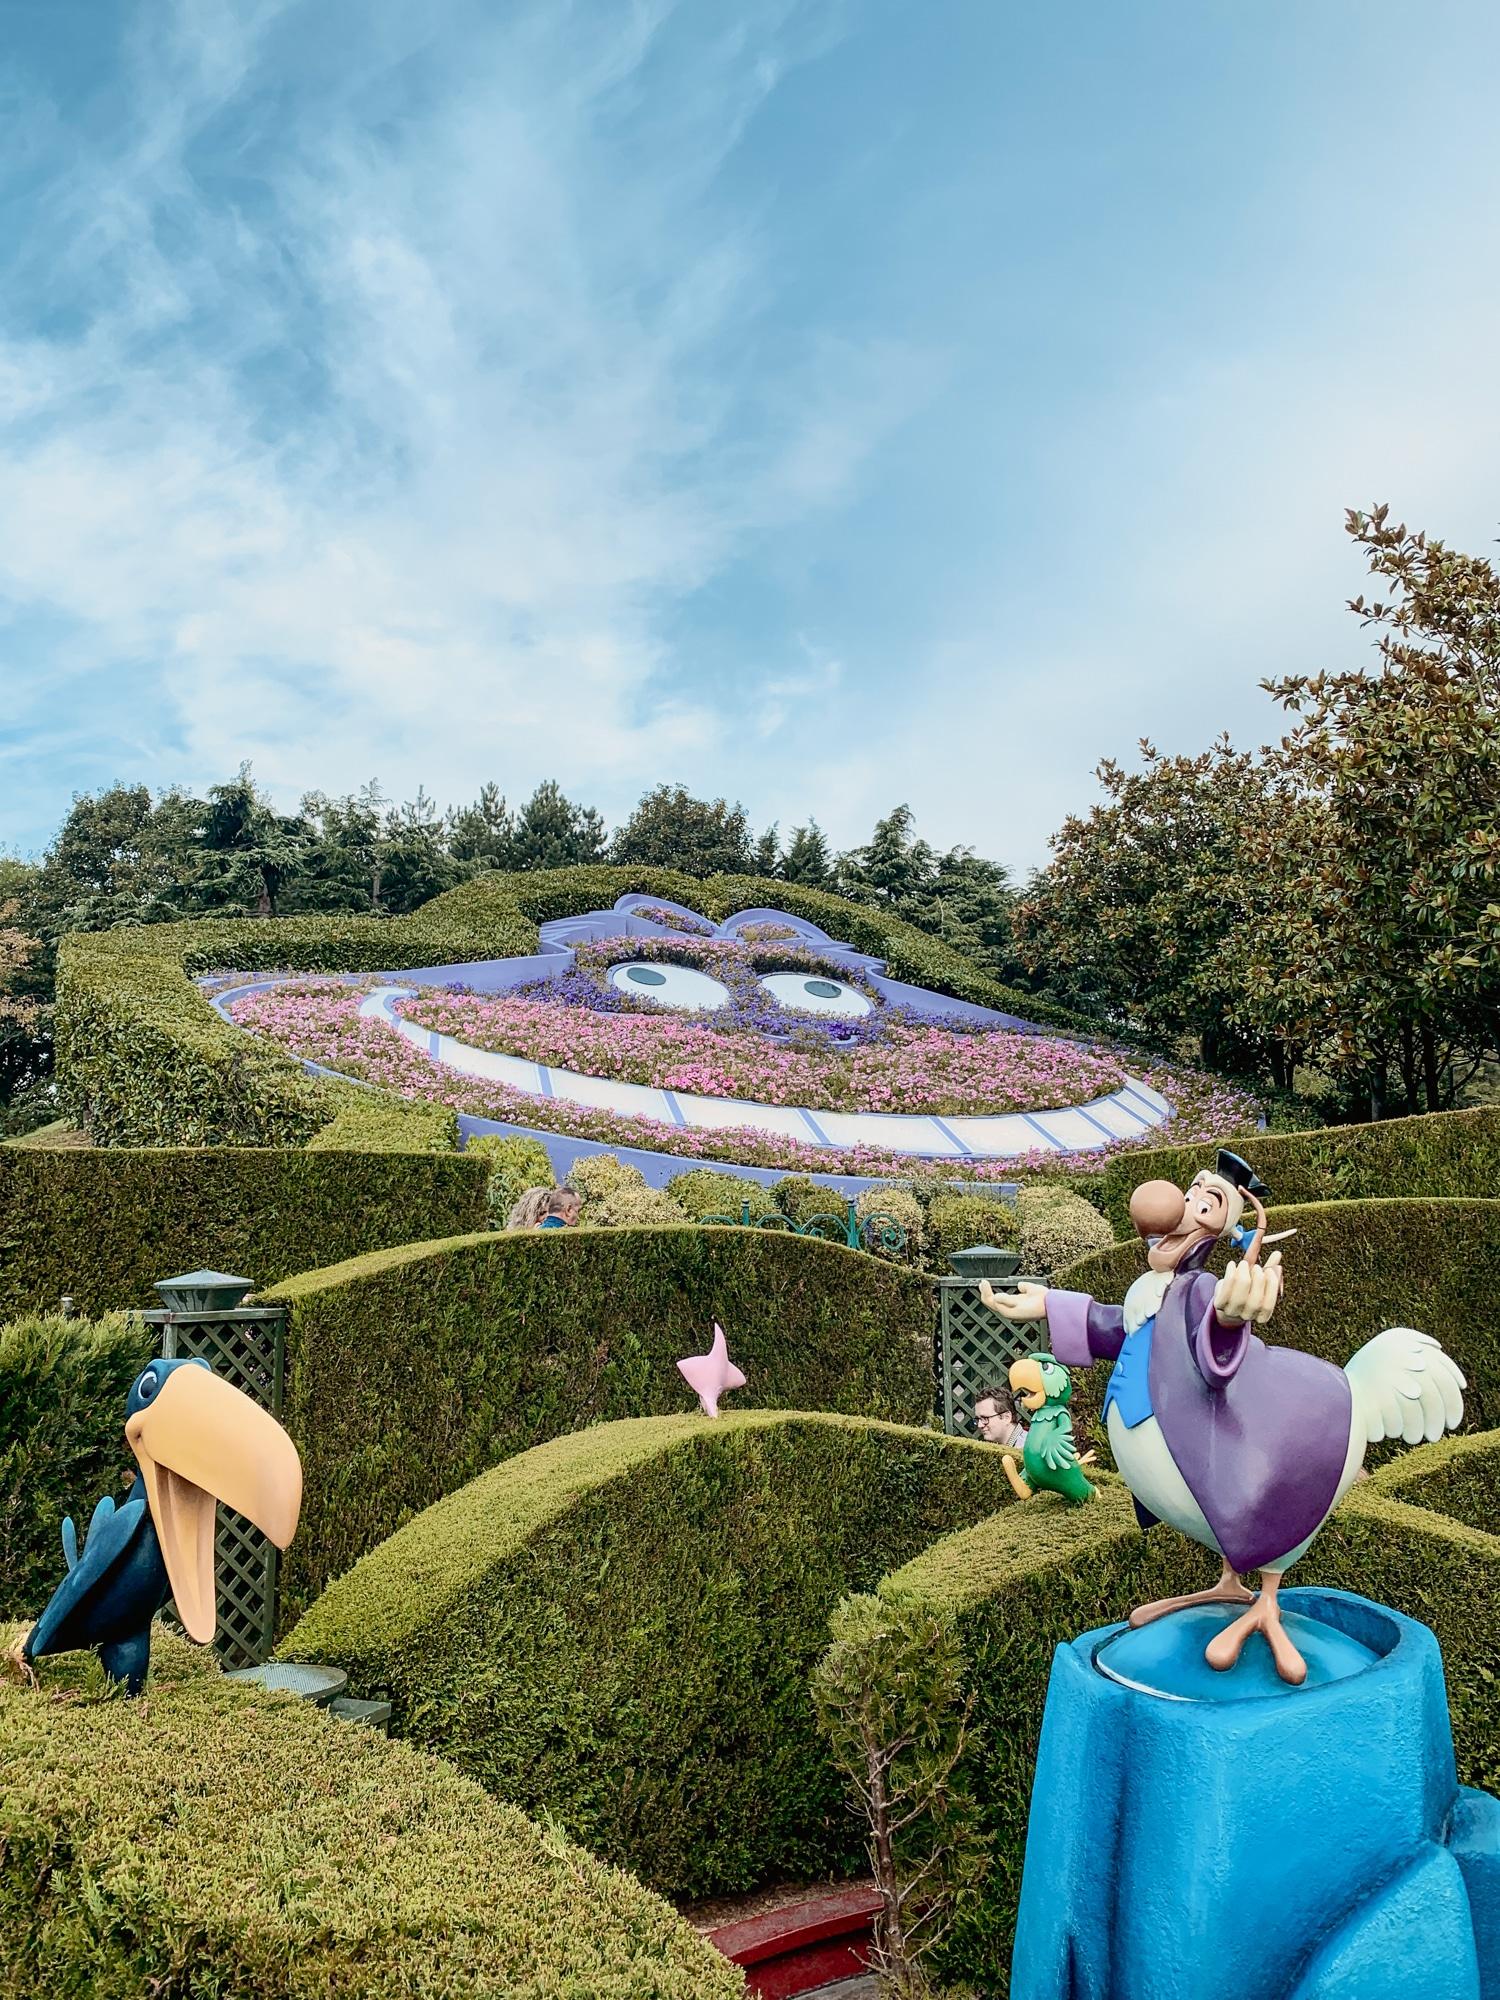 Disneyland Paris Tipps: 10 tolle Hacks für den glücklichsten Ort der Welt - Alice im Wunderland Labyrinth